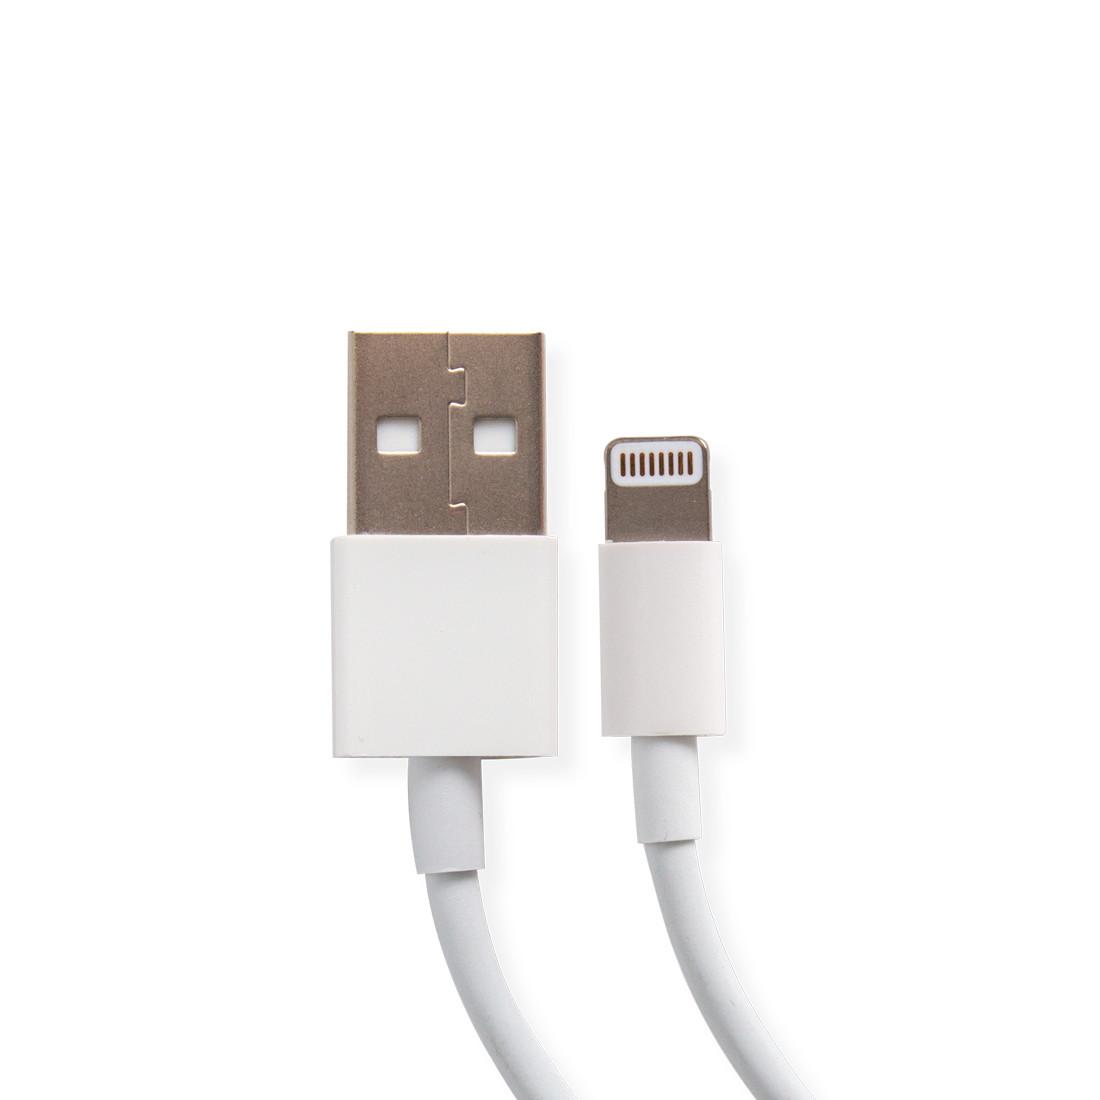 Интерфейсный кабель USB-Lightning Xiaomi ZMI AL813 100 см Белый - фото 1